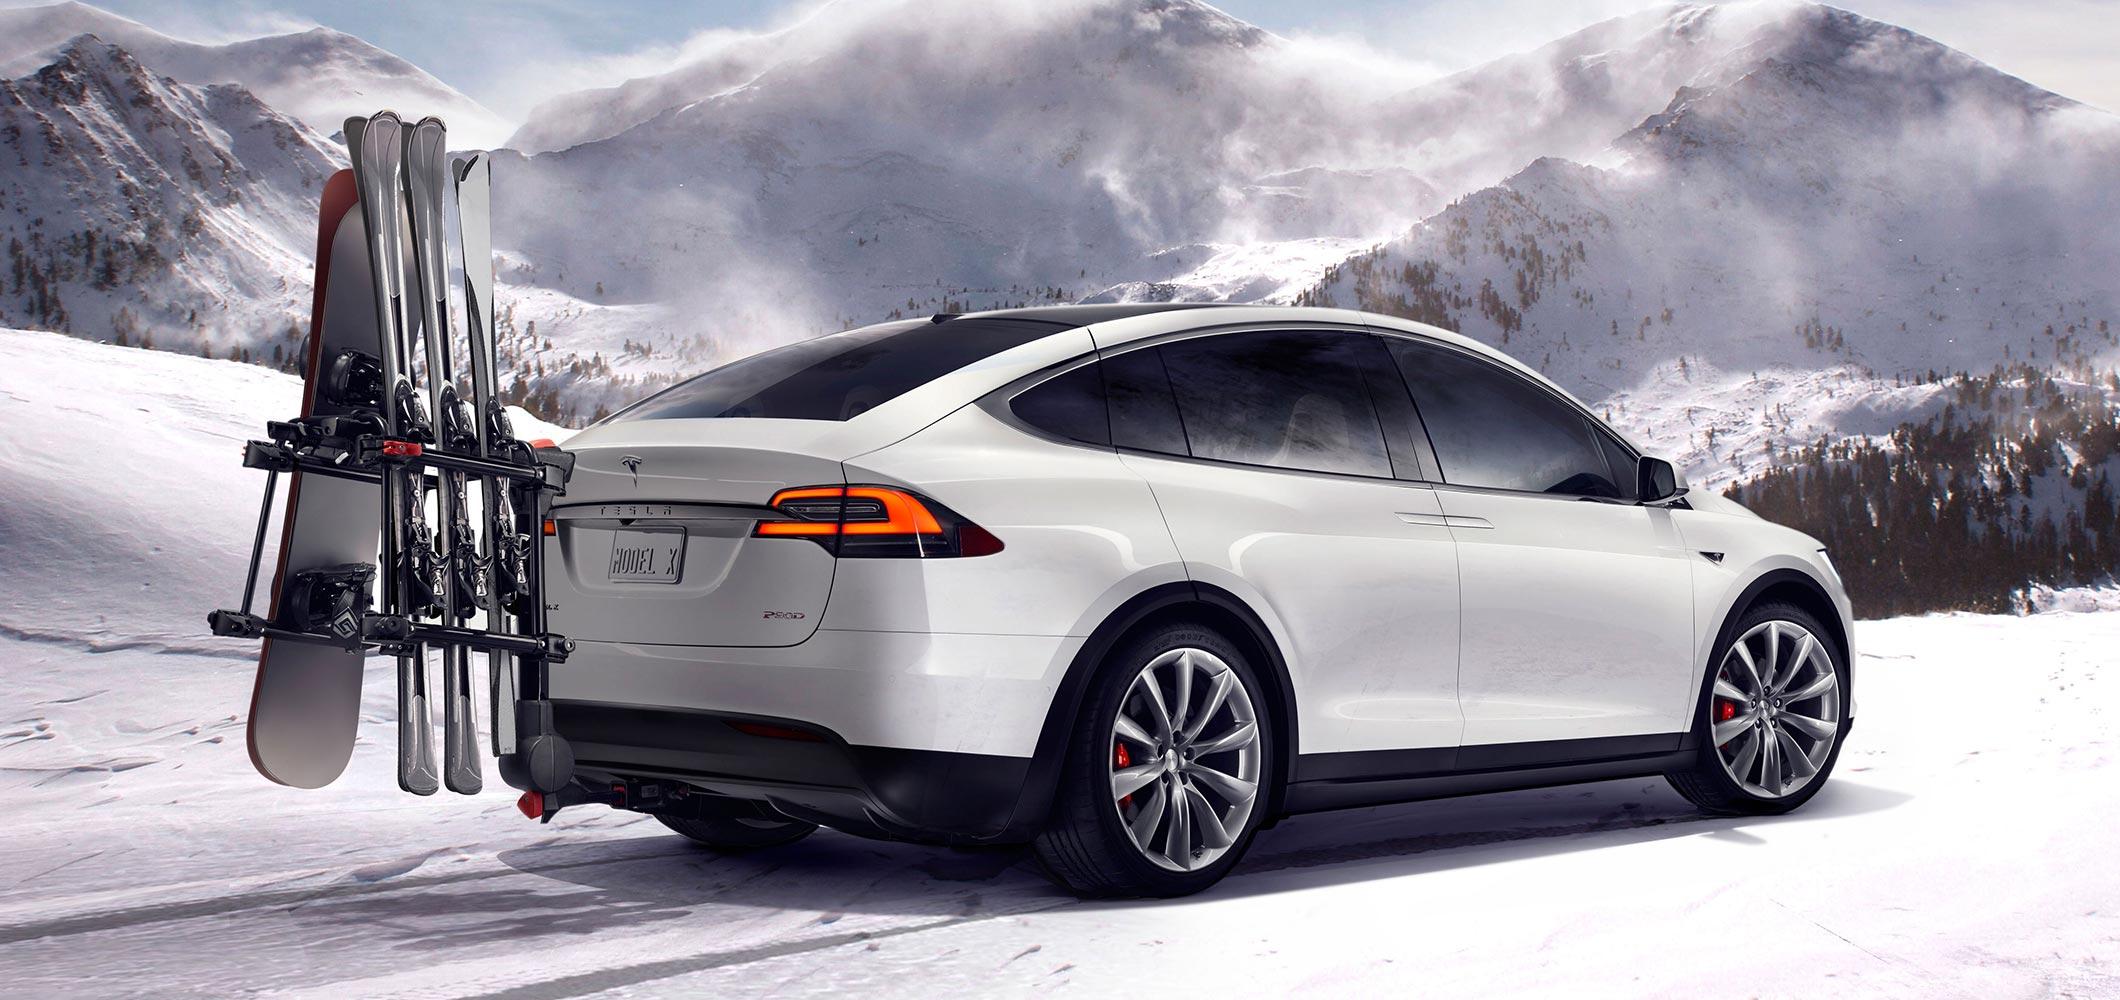 2016 Tesla Model X - Image 03